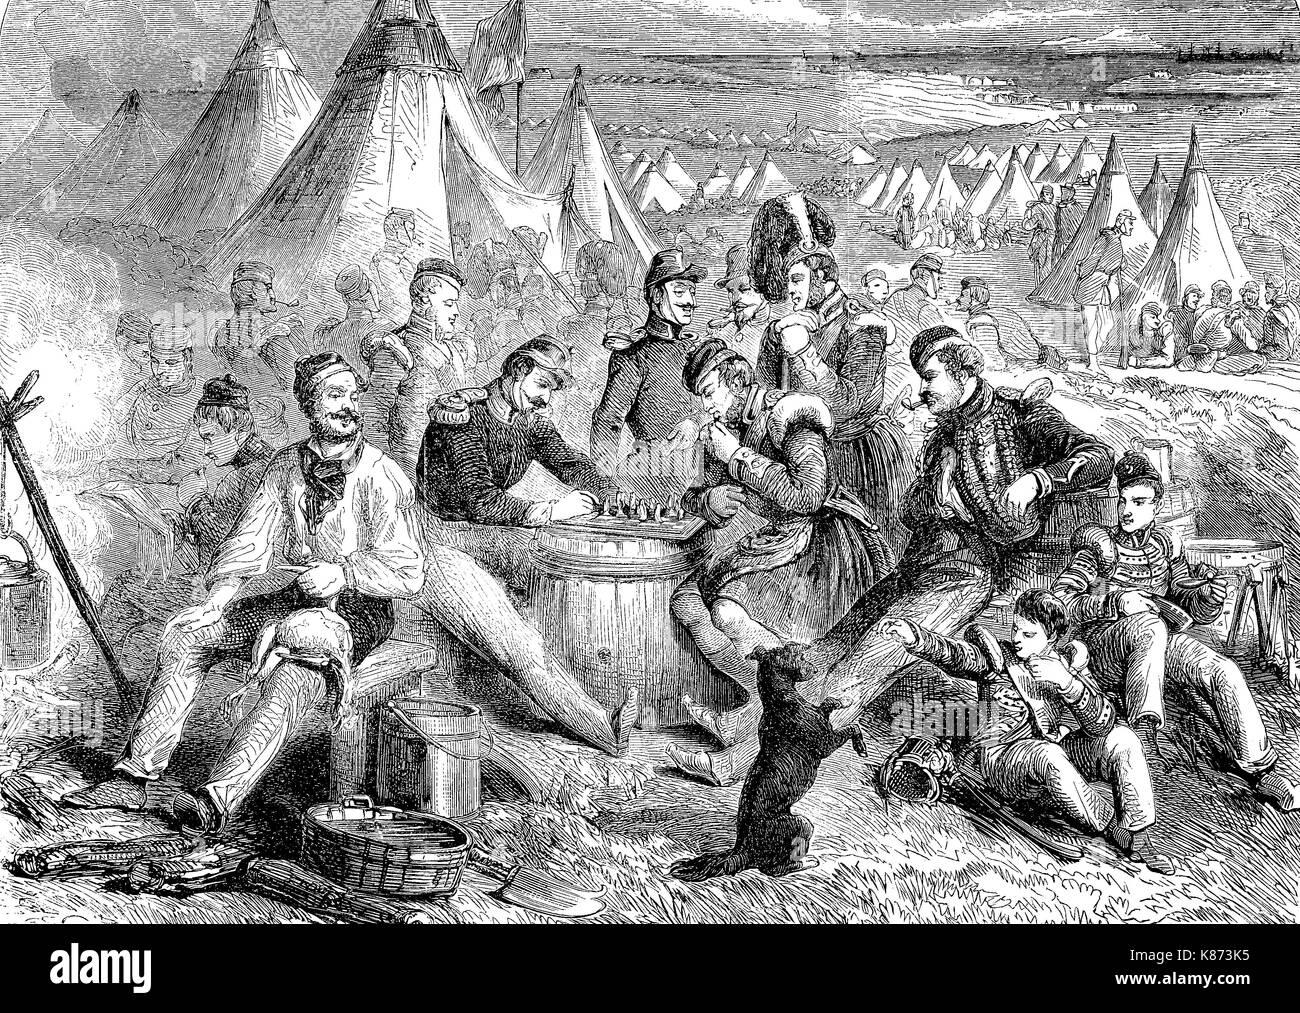 Guerra de Crimea de 1853 - 1856, pasatiempo y entretenimiento en el campamento Inglés en Crimea, mejor reproducción digital de un original del siglo XIX woodprint Imagen De Stock